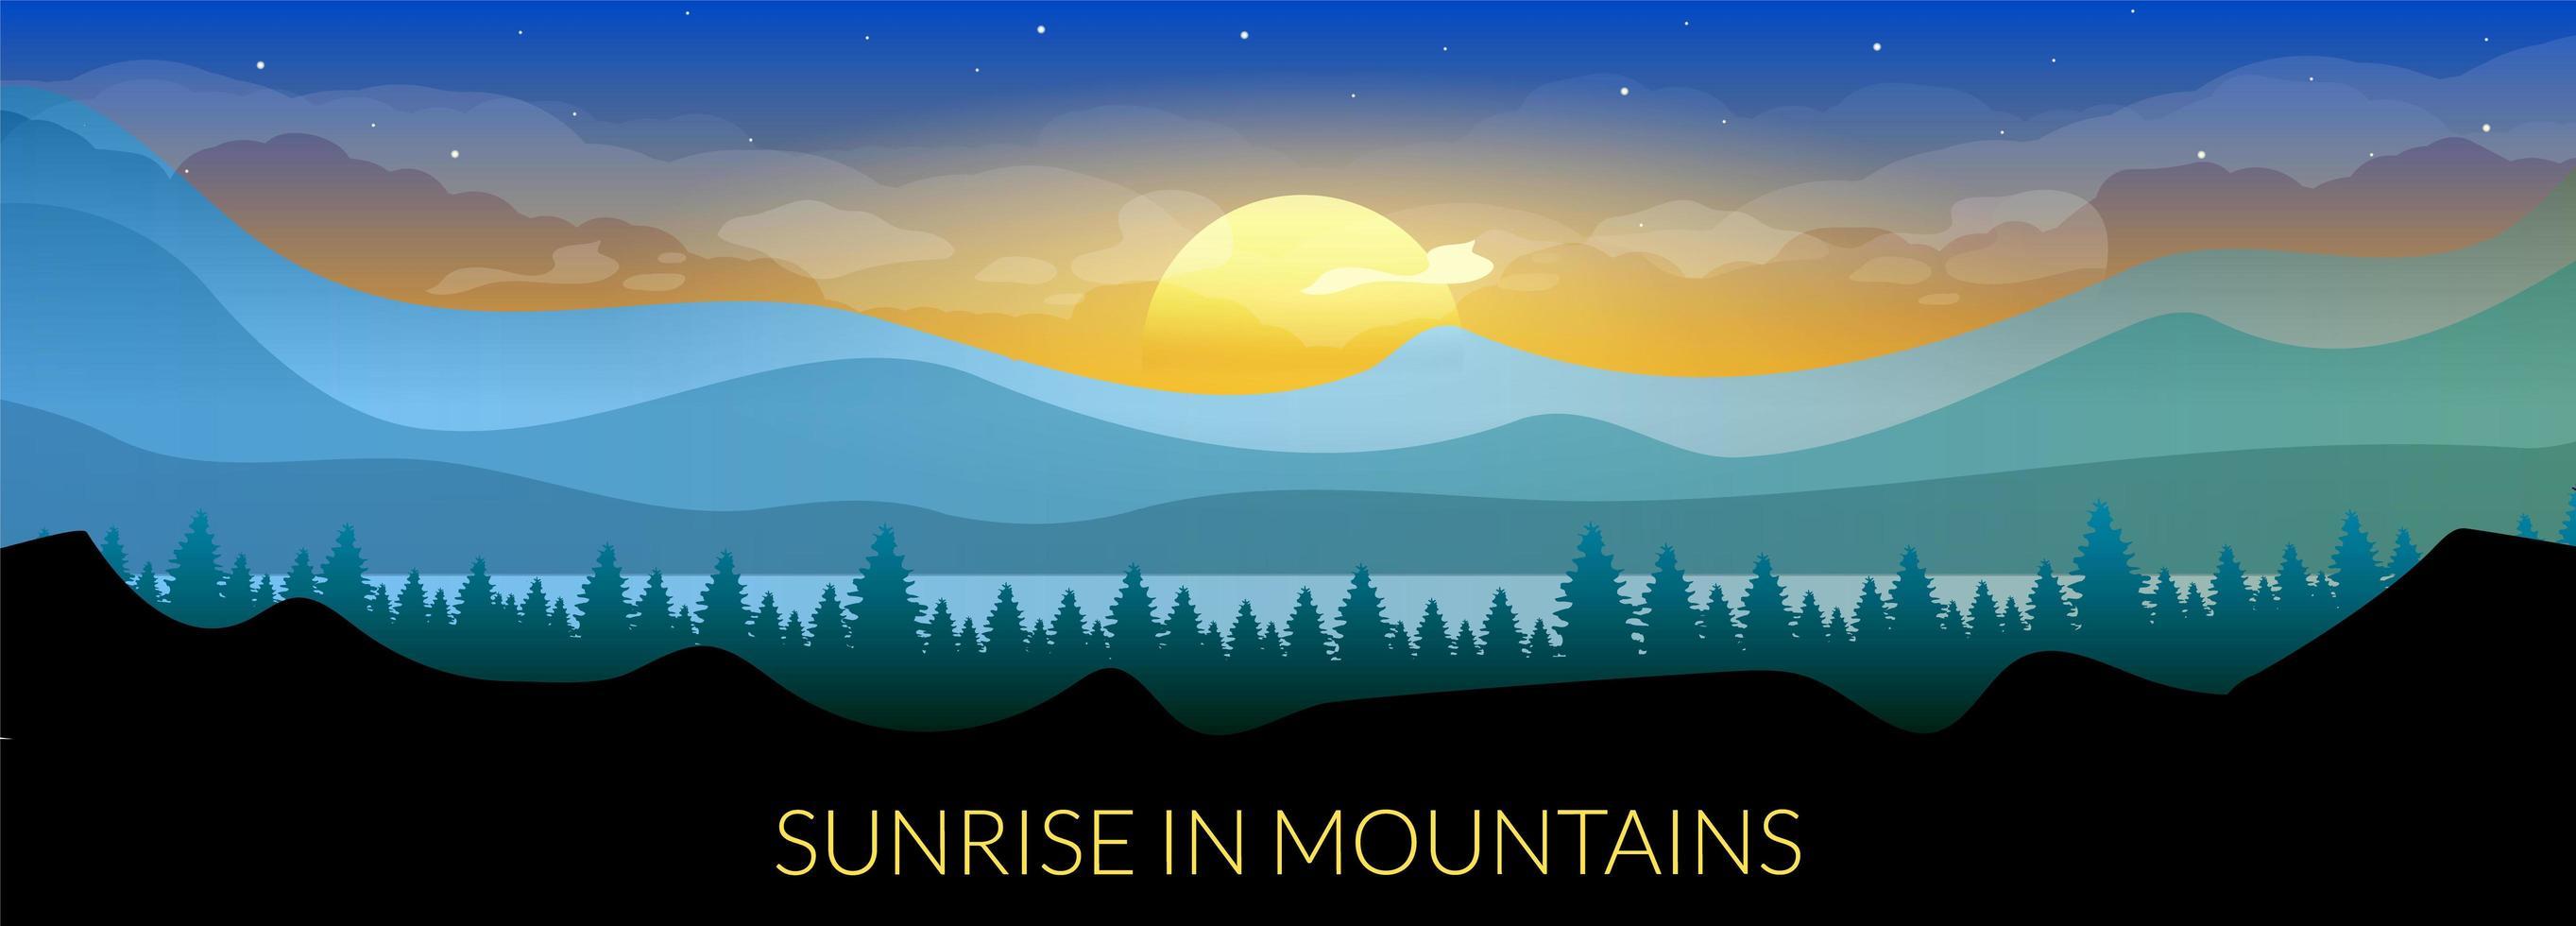 nascer do sol nas montanhas vetor